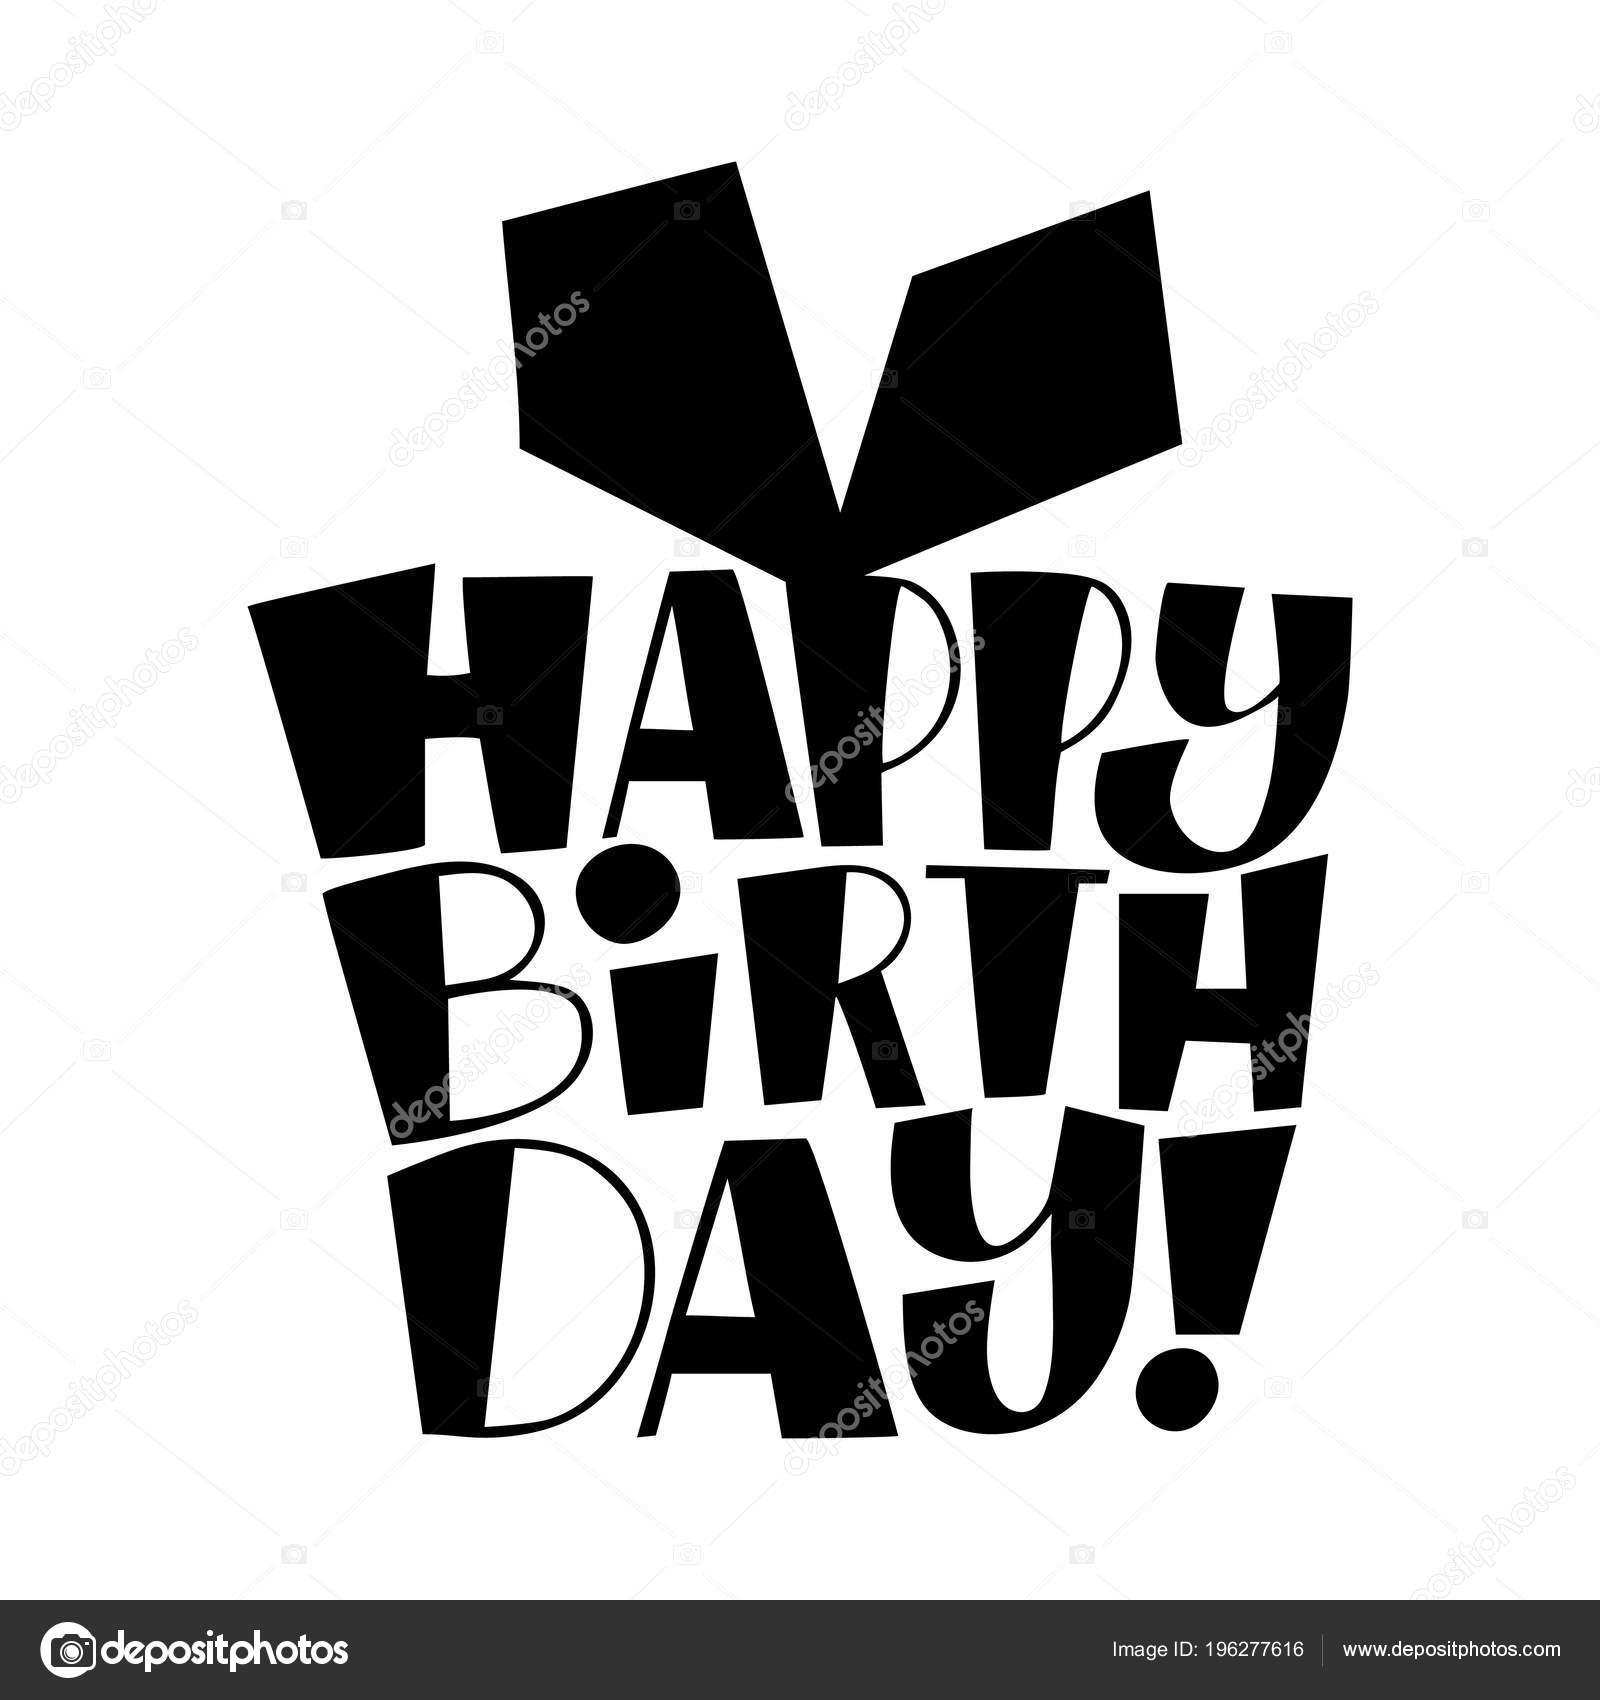 vtipné pohlednice k narozeninám Rukopisné pohlednice k narozeninám v podobě přítomen, dárek  vtipné pohlednice k narozeninám